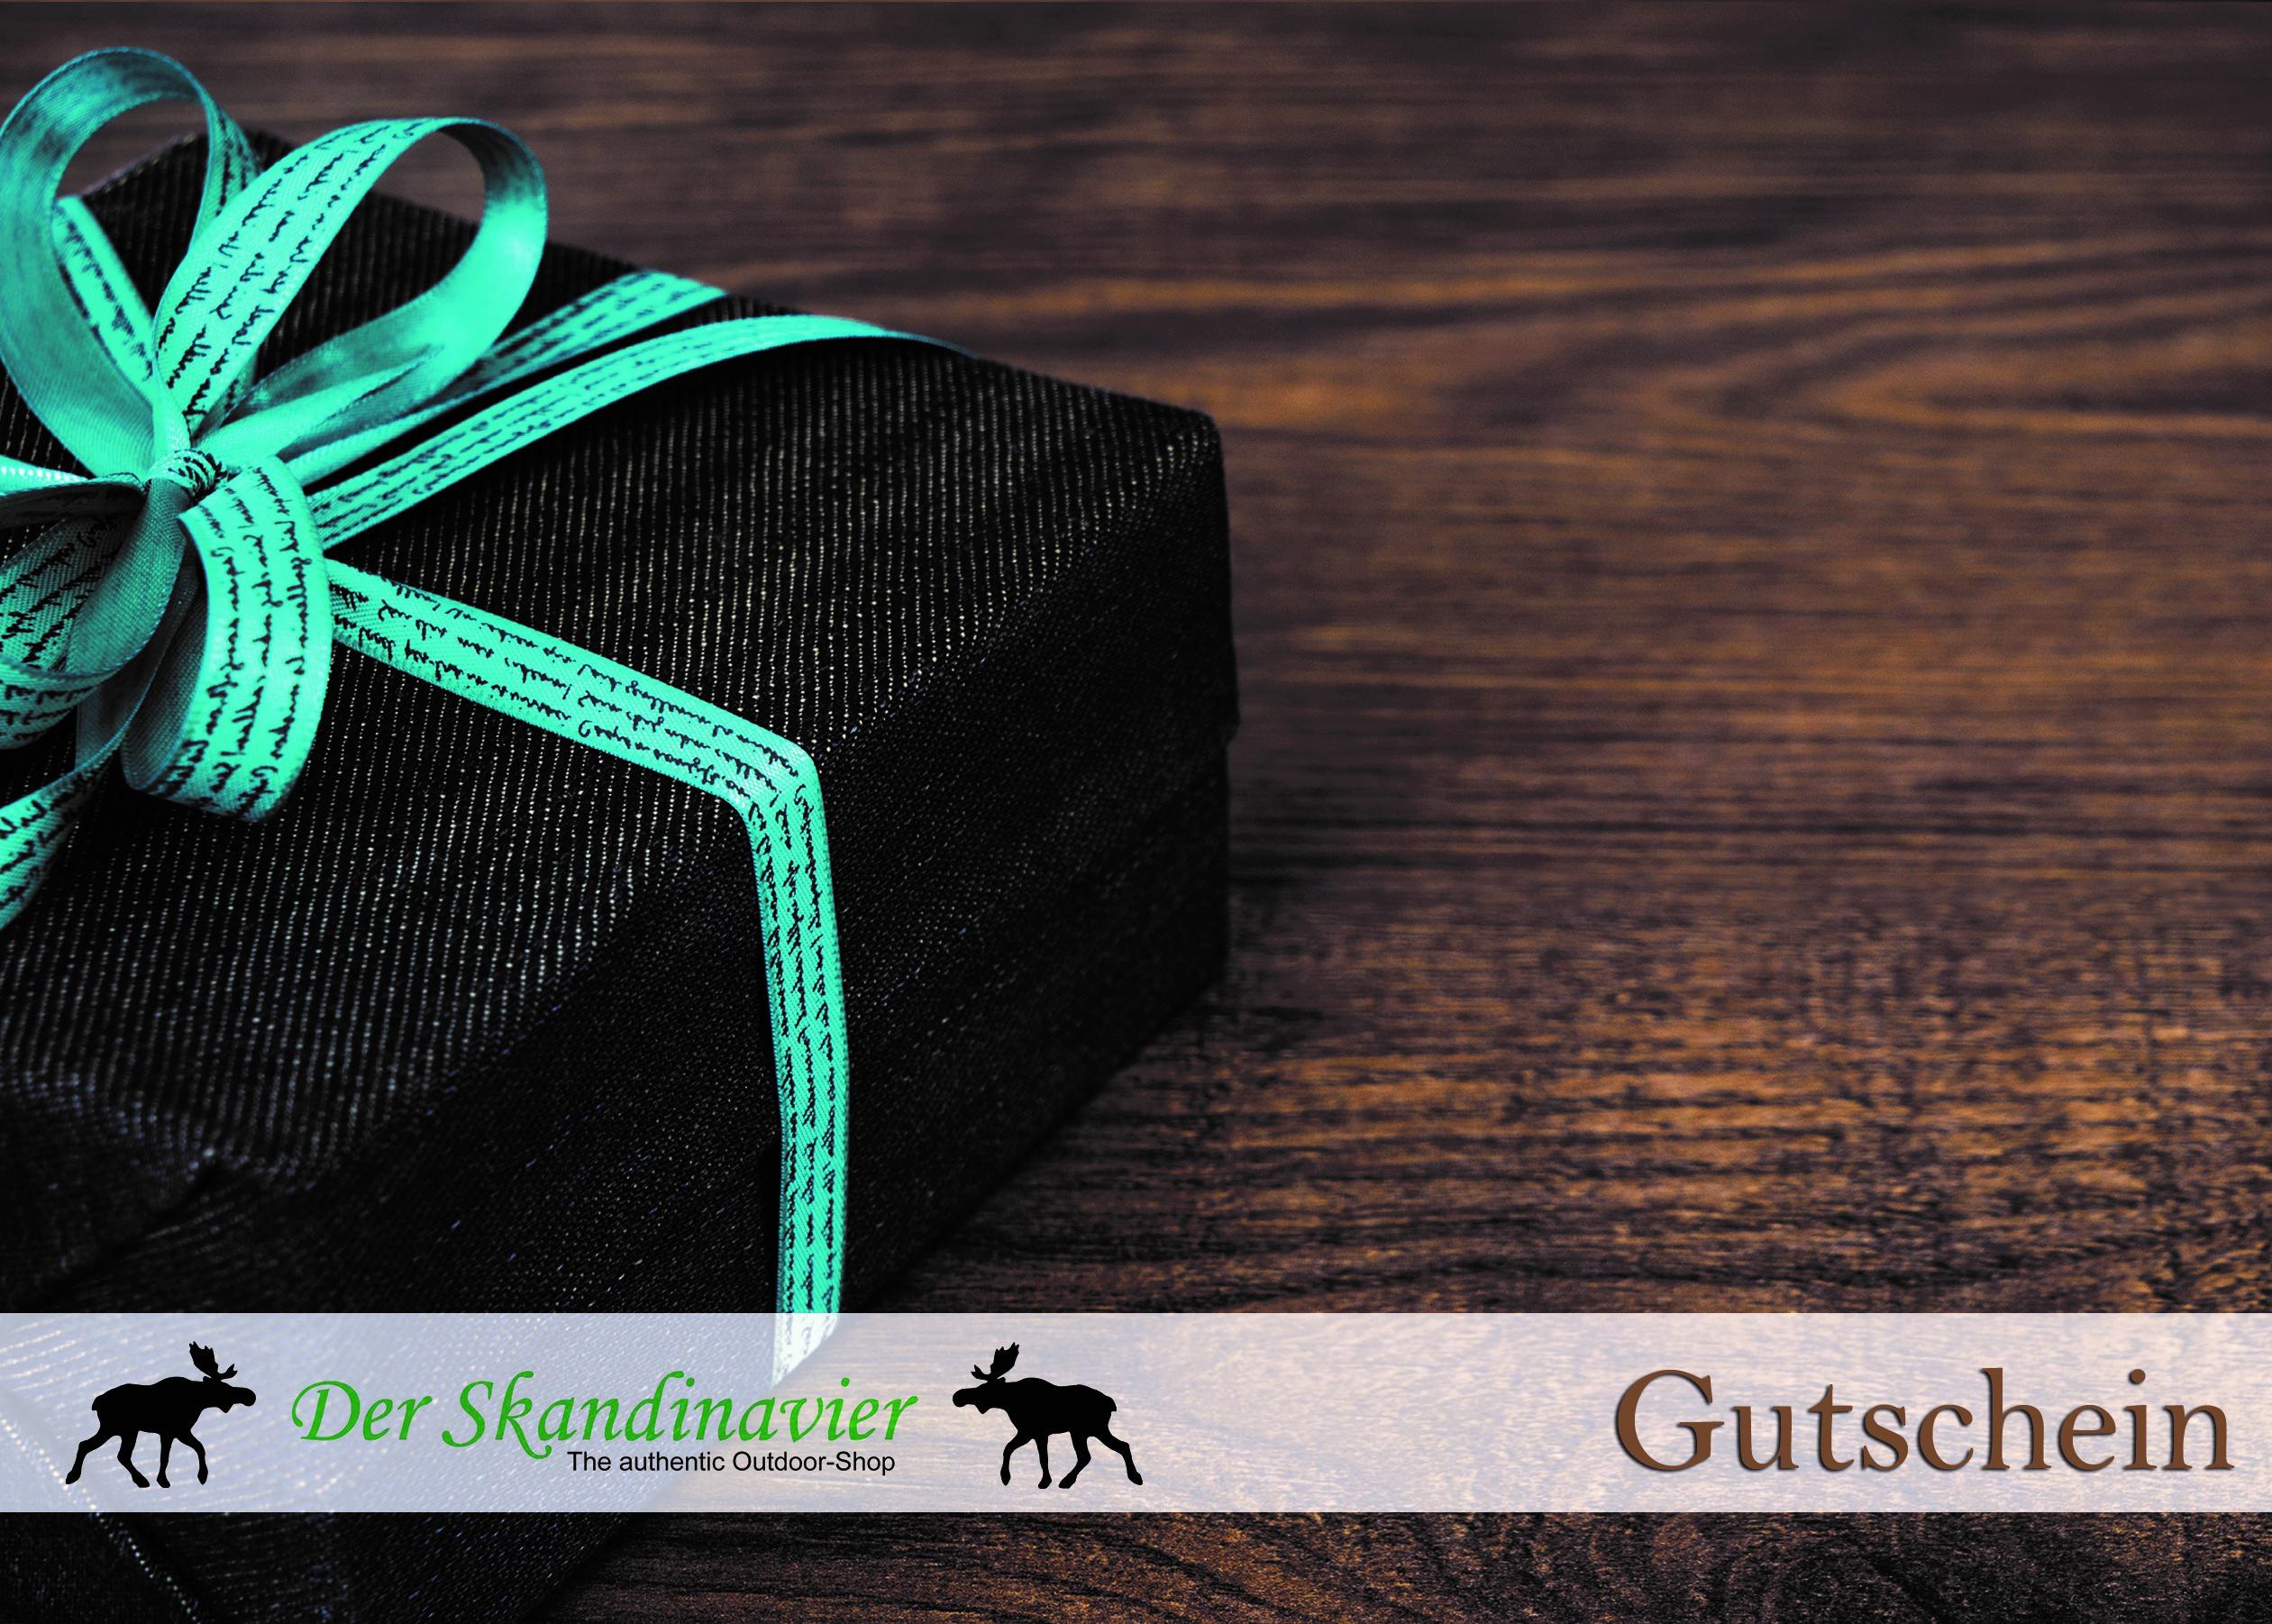 """Geschenk - Gutschein """"Motiv Geschenk"""""""